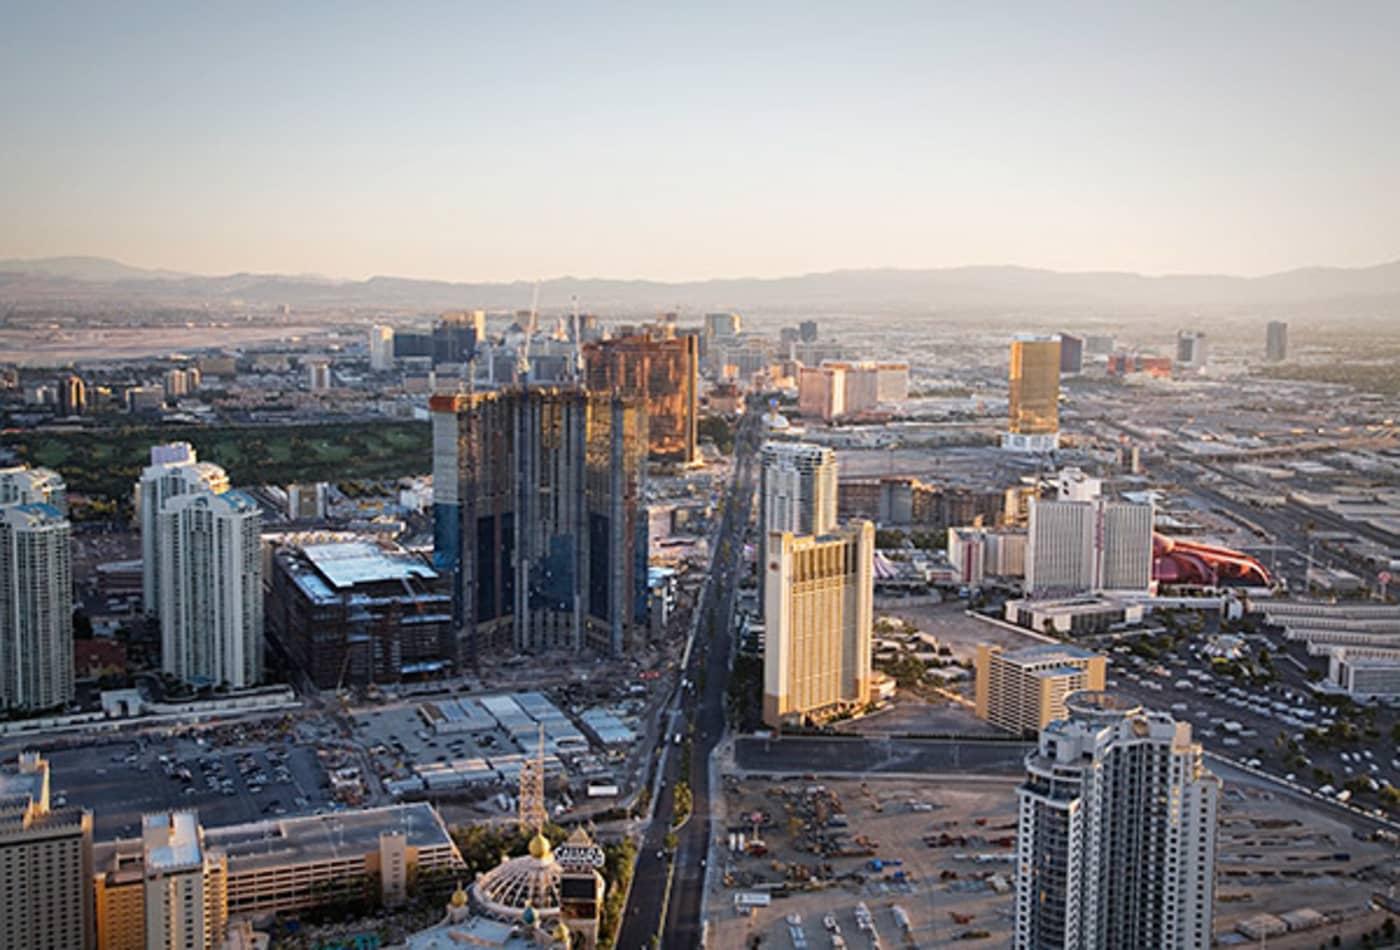 10-emptiest-us-cities-2012-vegas.jpg